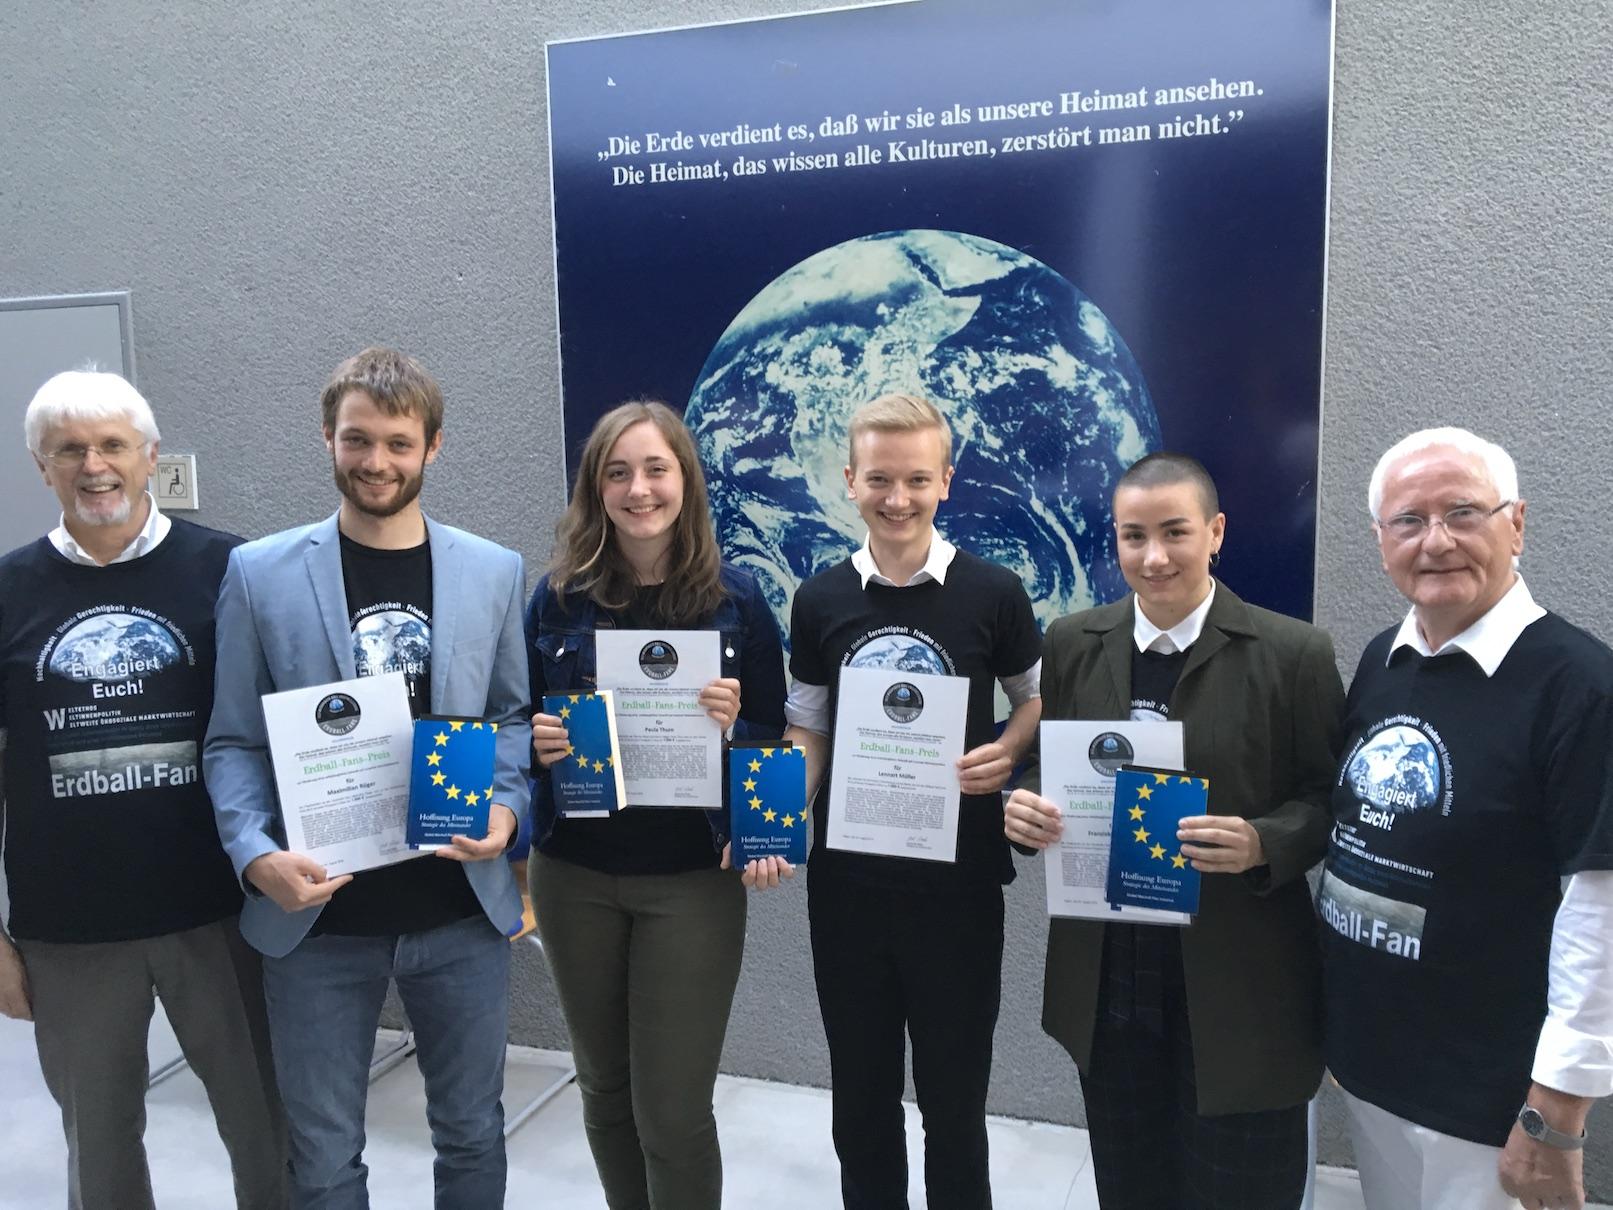 Preisverleihung für Erdballfans und Ausbildung zu Klimabotschaftern